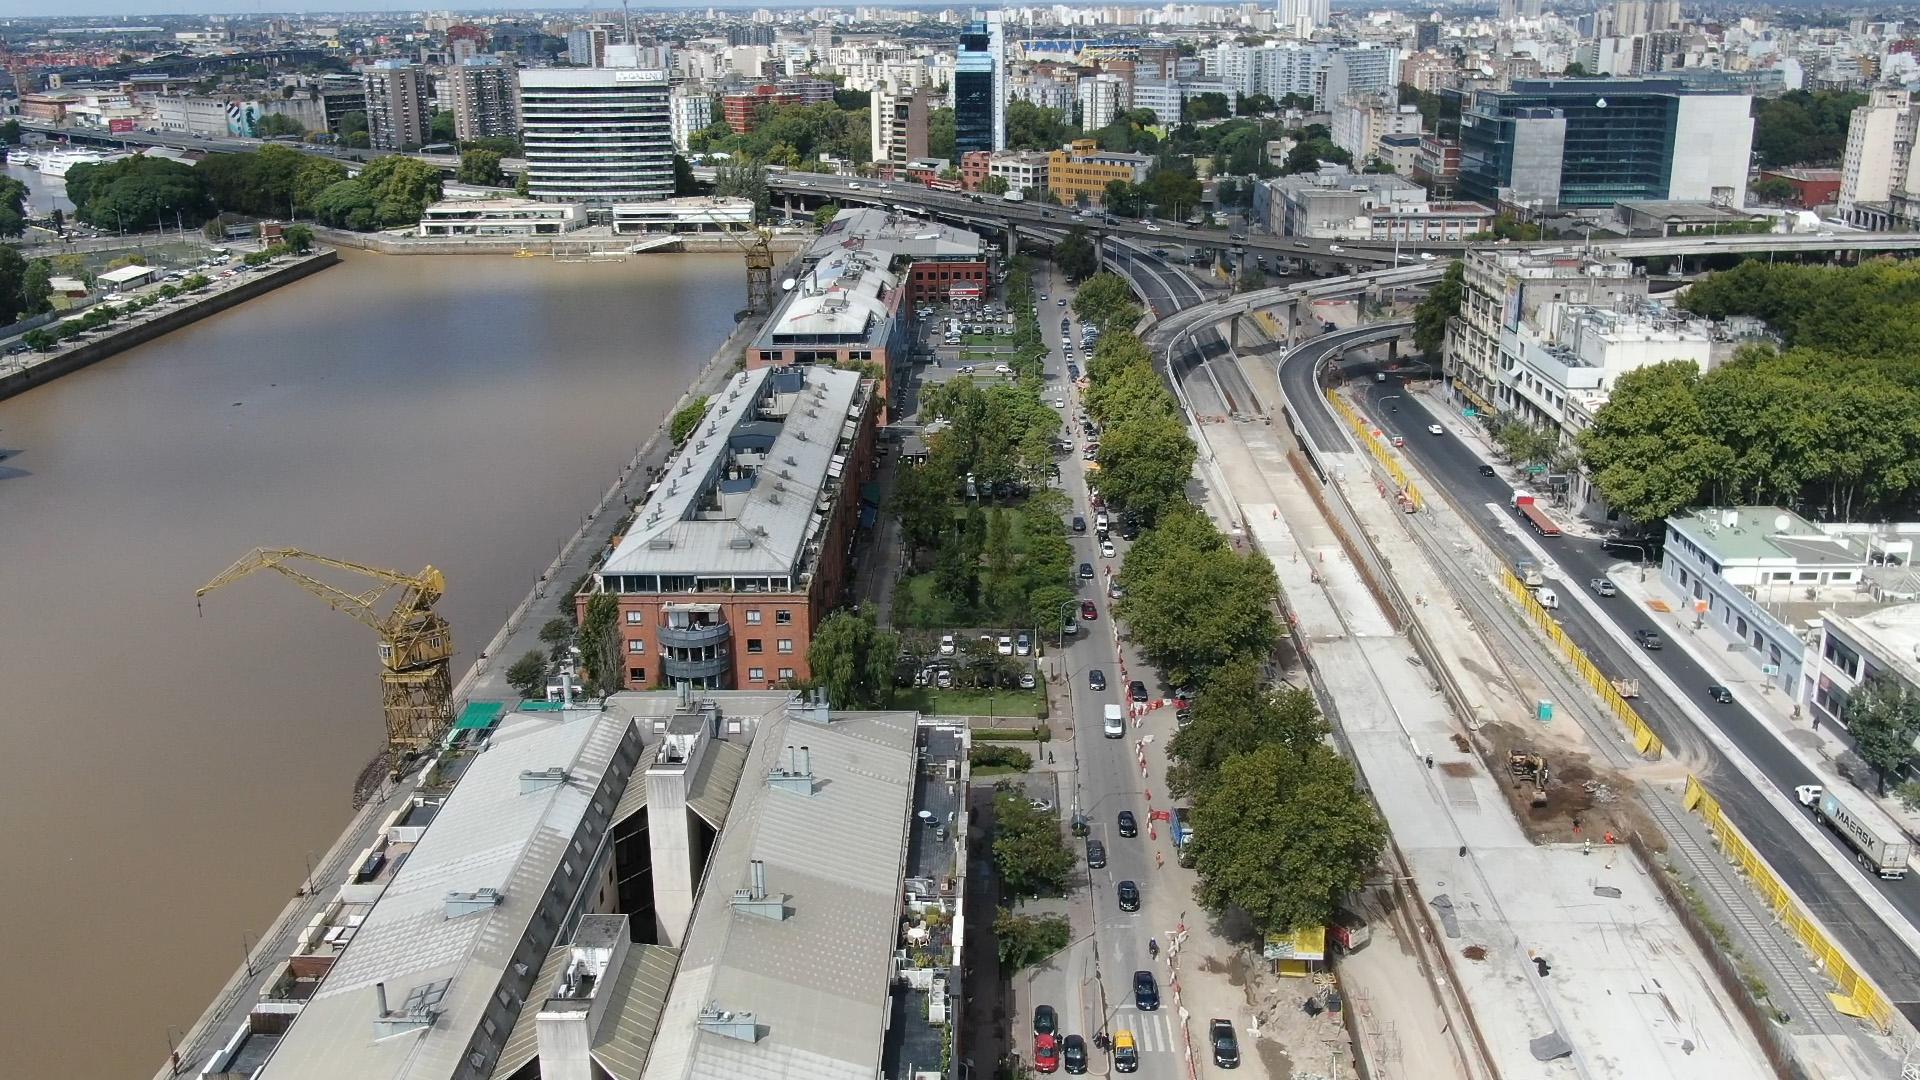 La megaobra pretende agilizar el tránsito y sumar nuevos espacios verdes